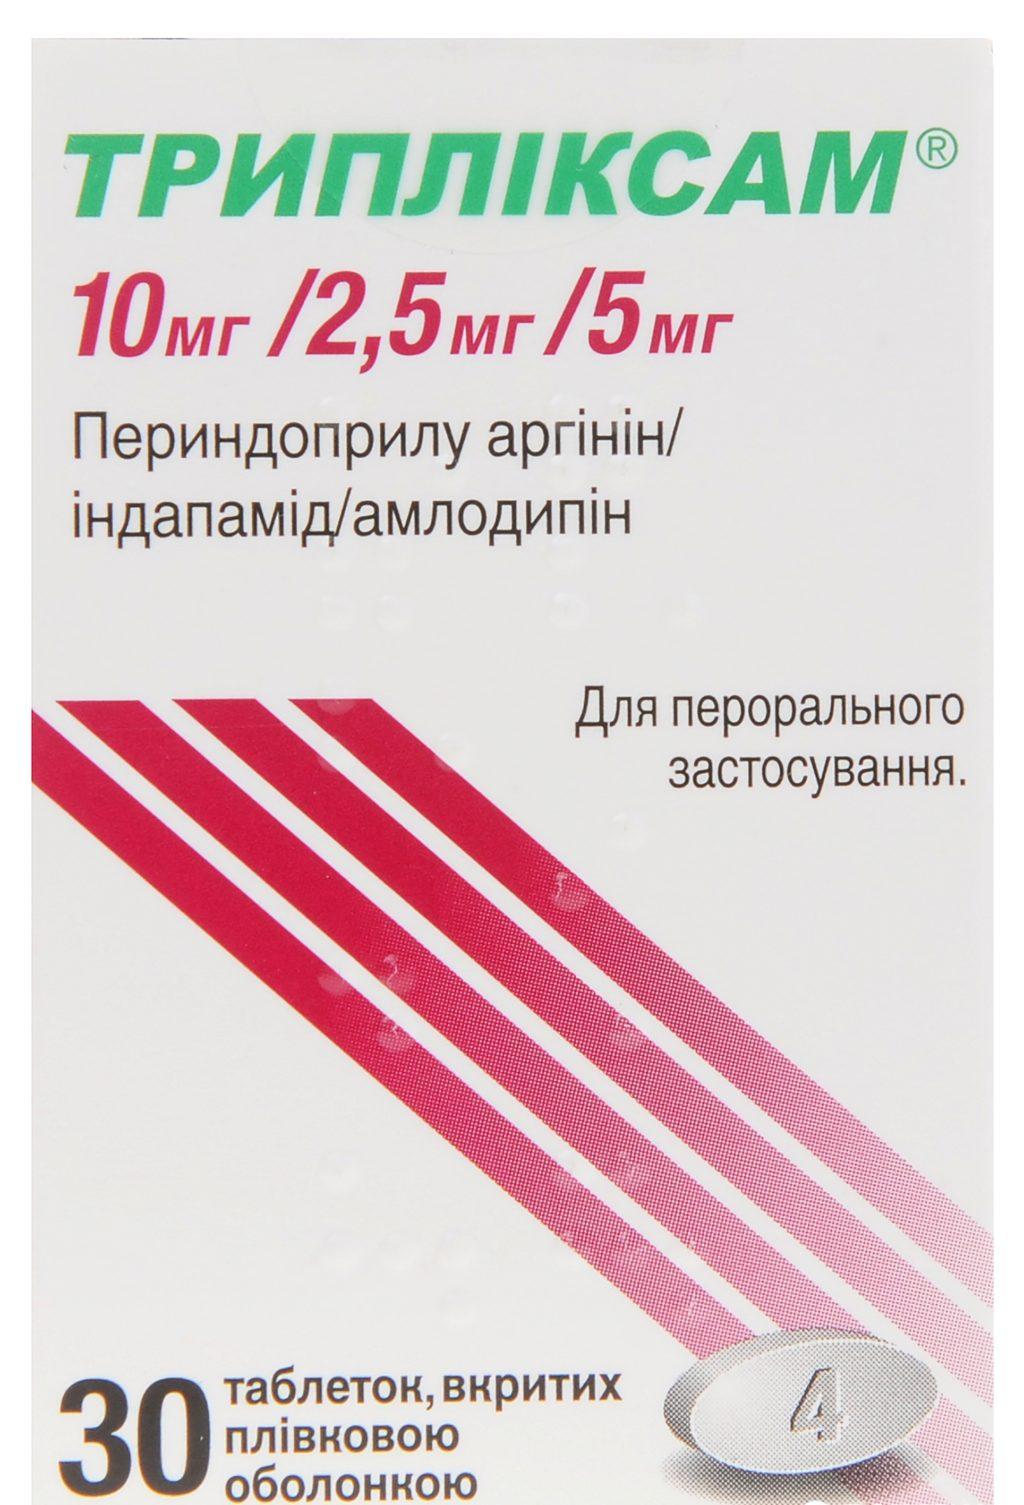 magas vérnyomás kezelésére szolgáló gyógyszerek időseknél)